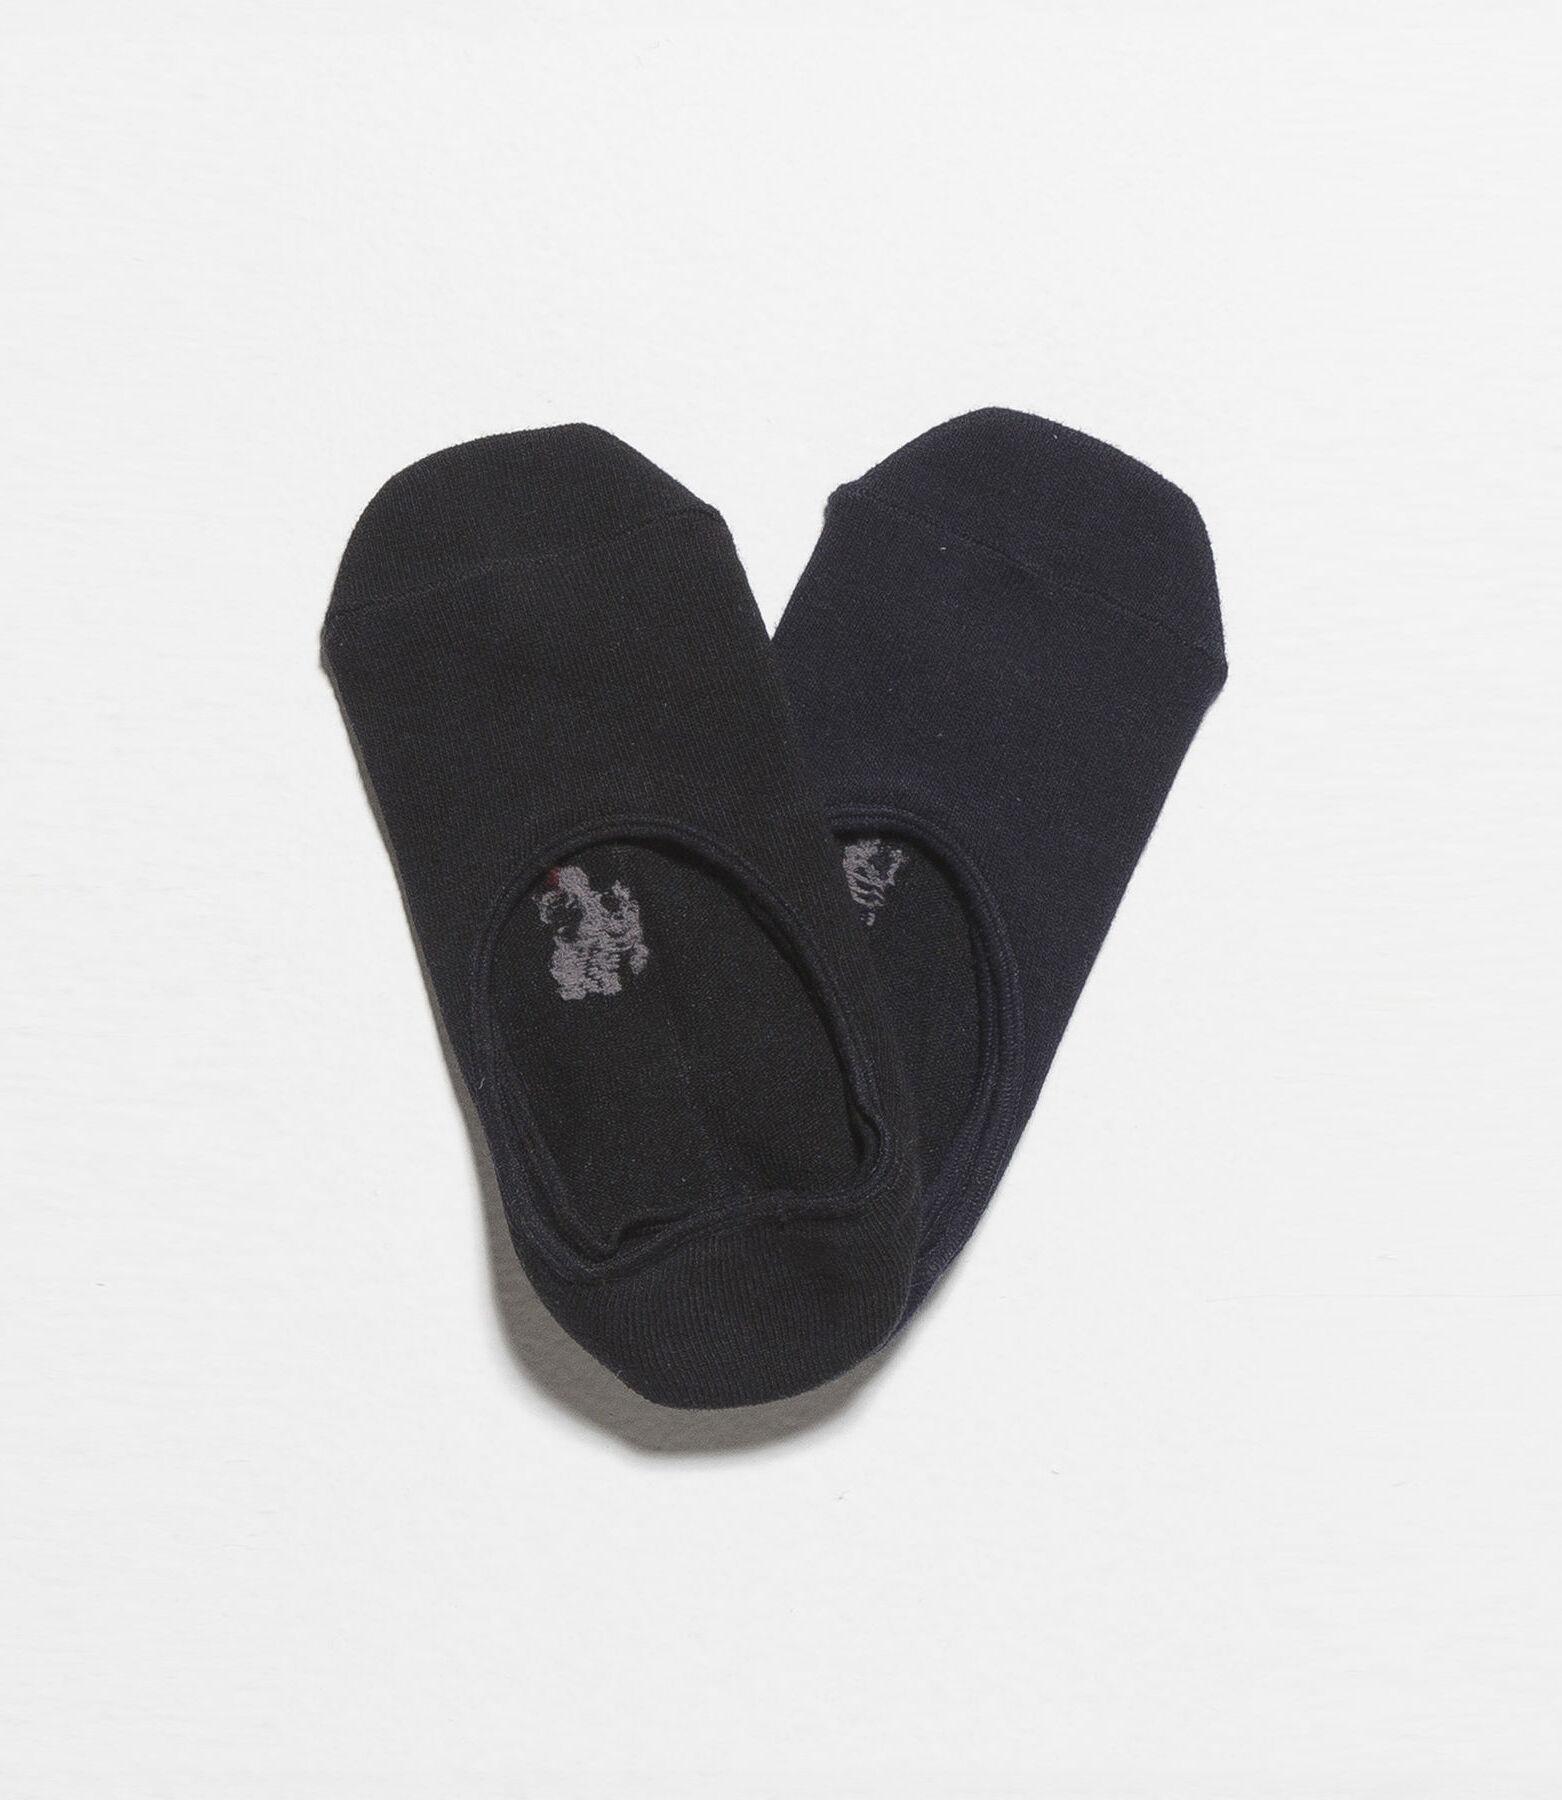 Chaussettes invisibles lot de 2 paires